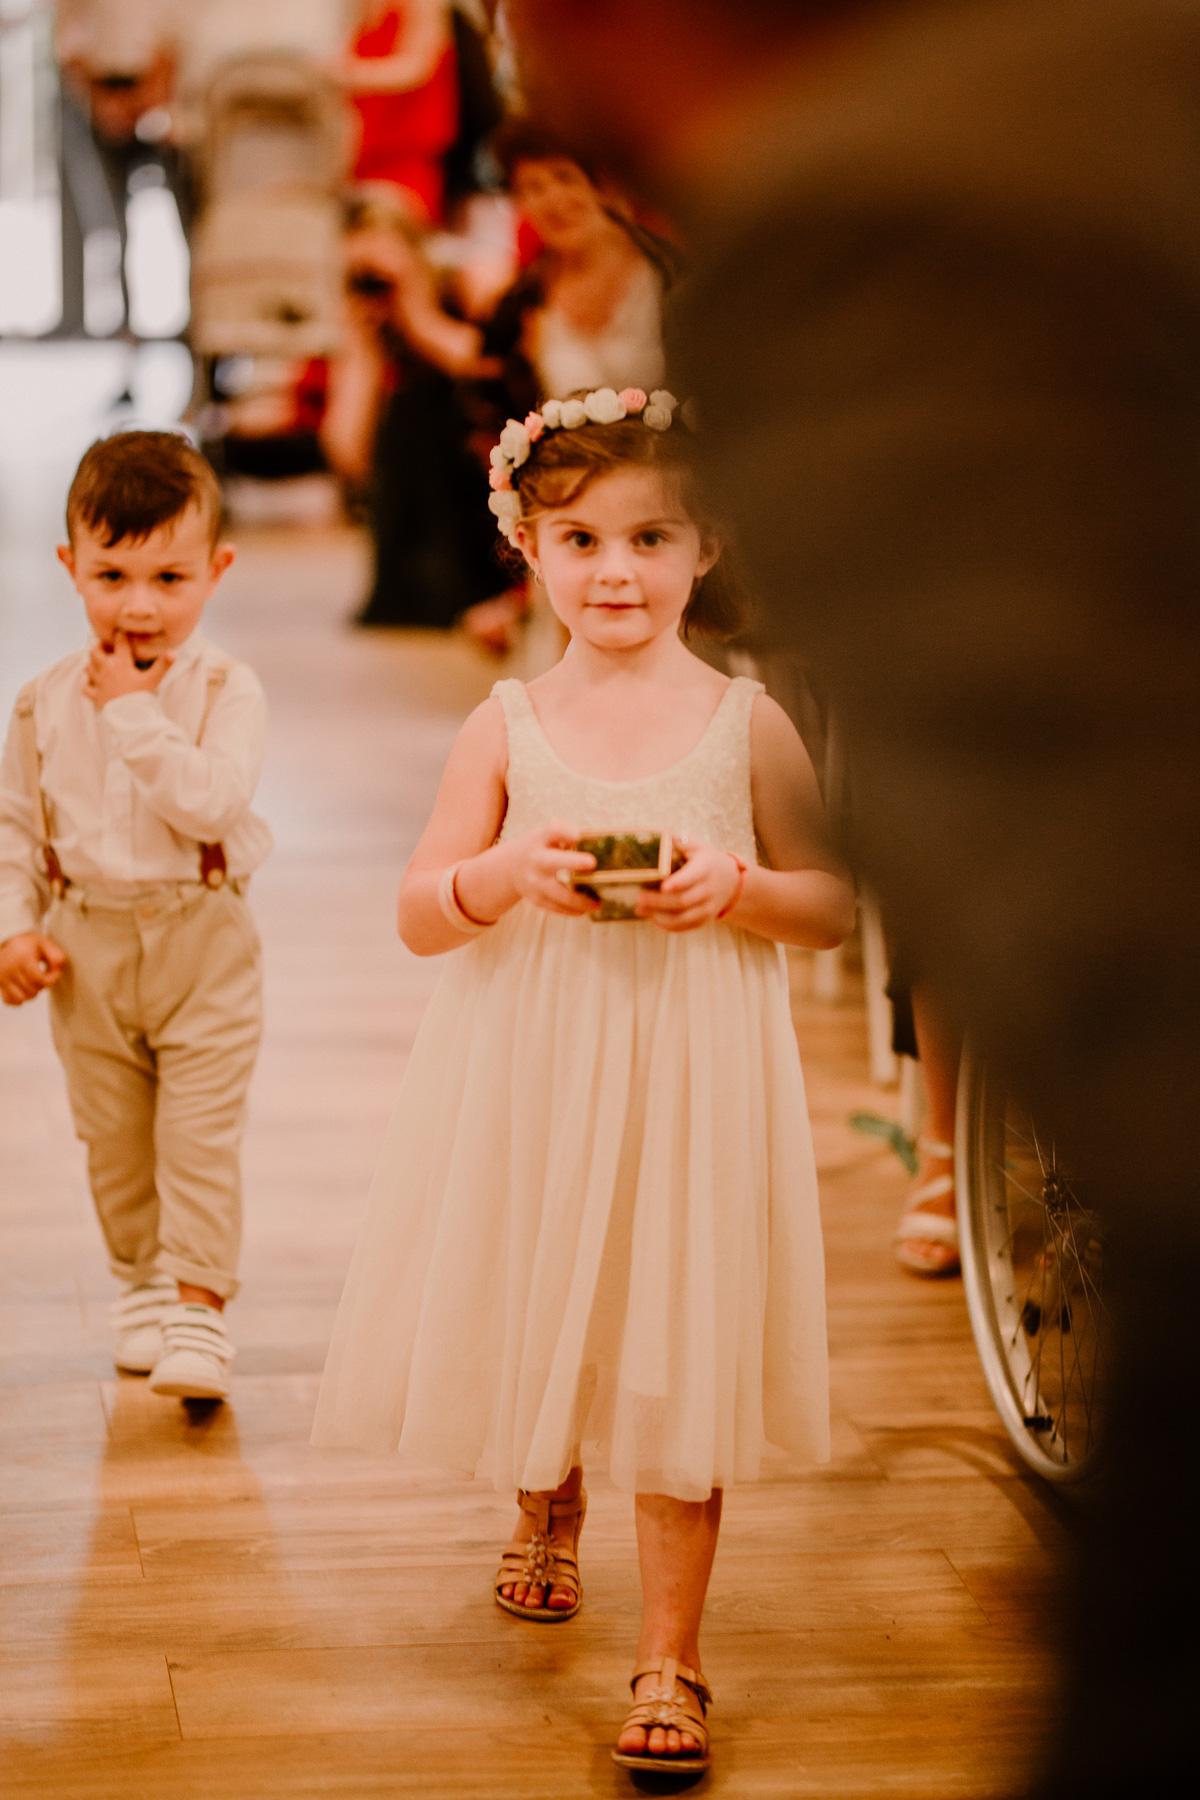 Photographe de mariage chateau boisrigaud usson auvergne enfants